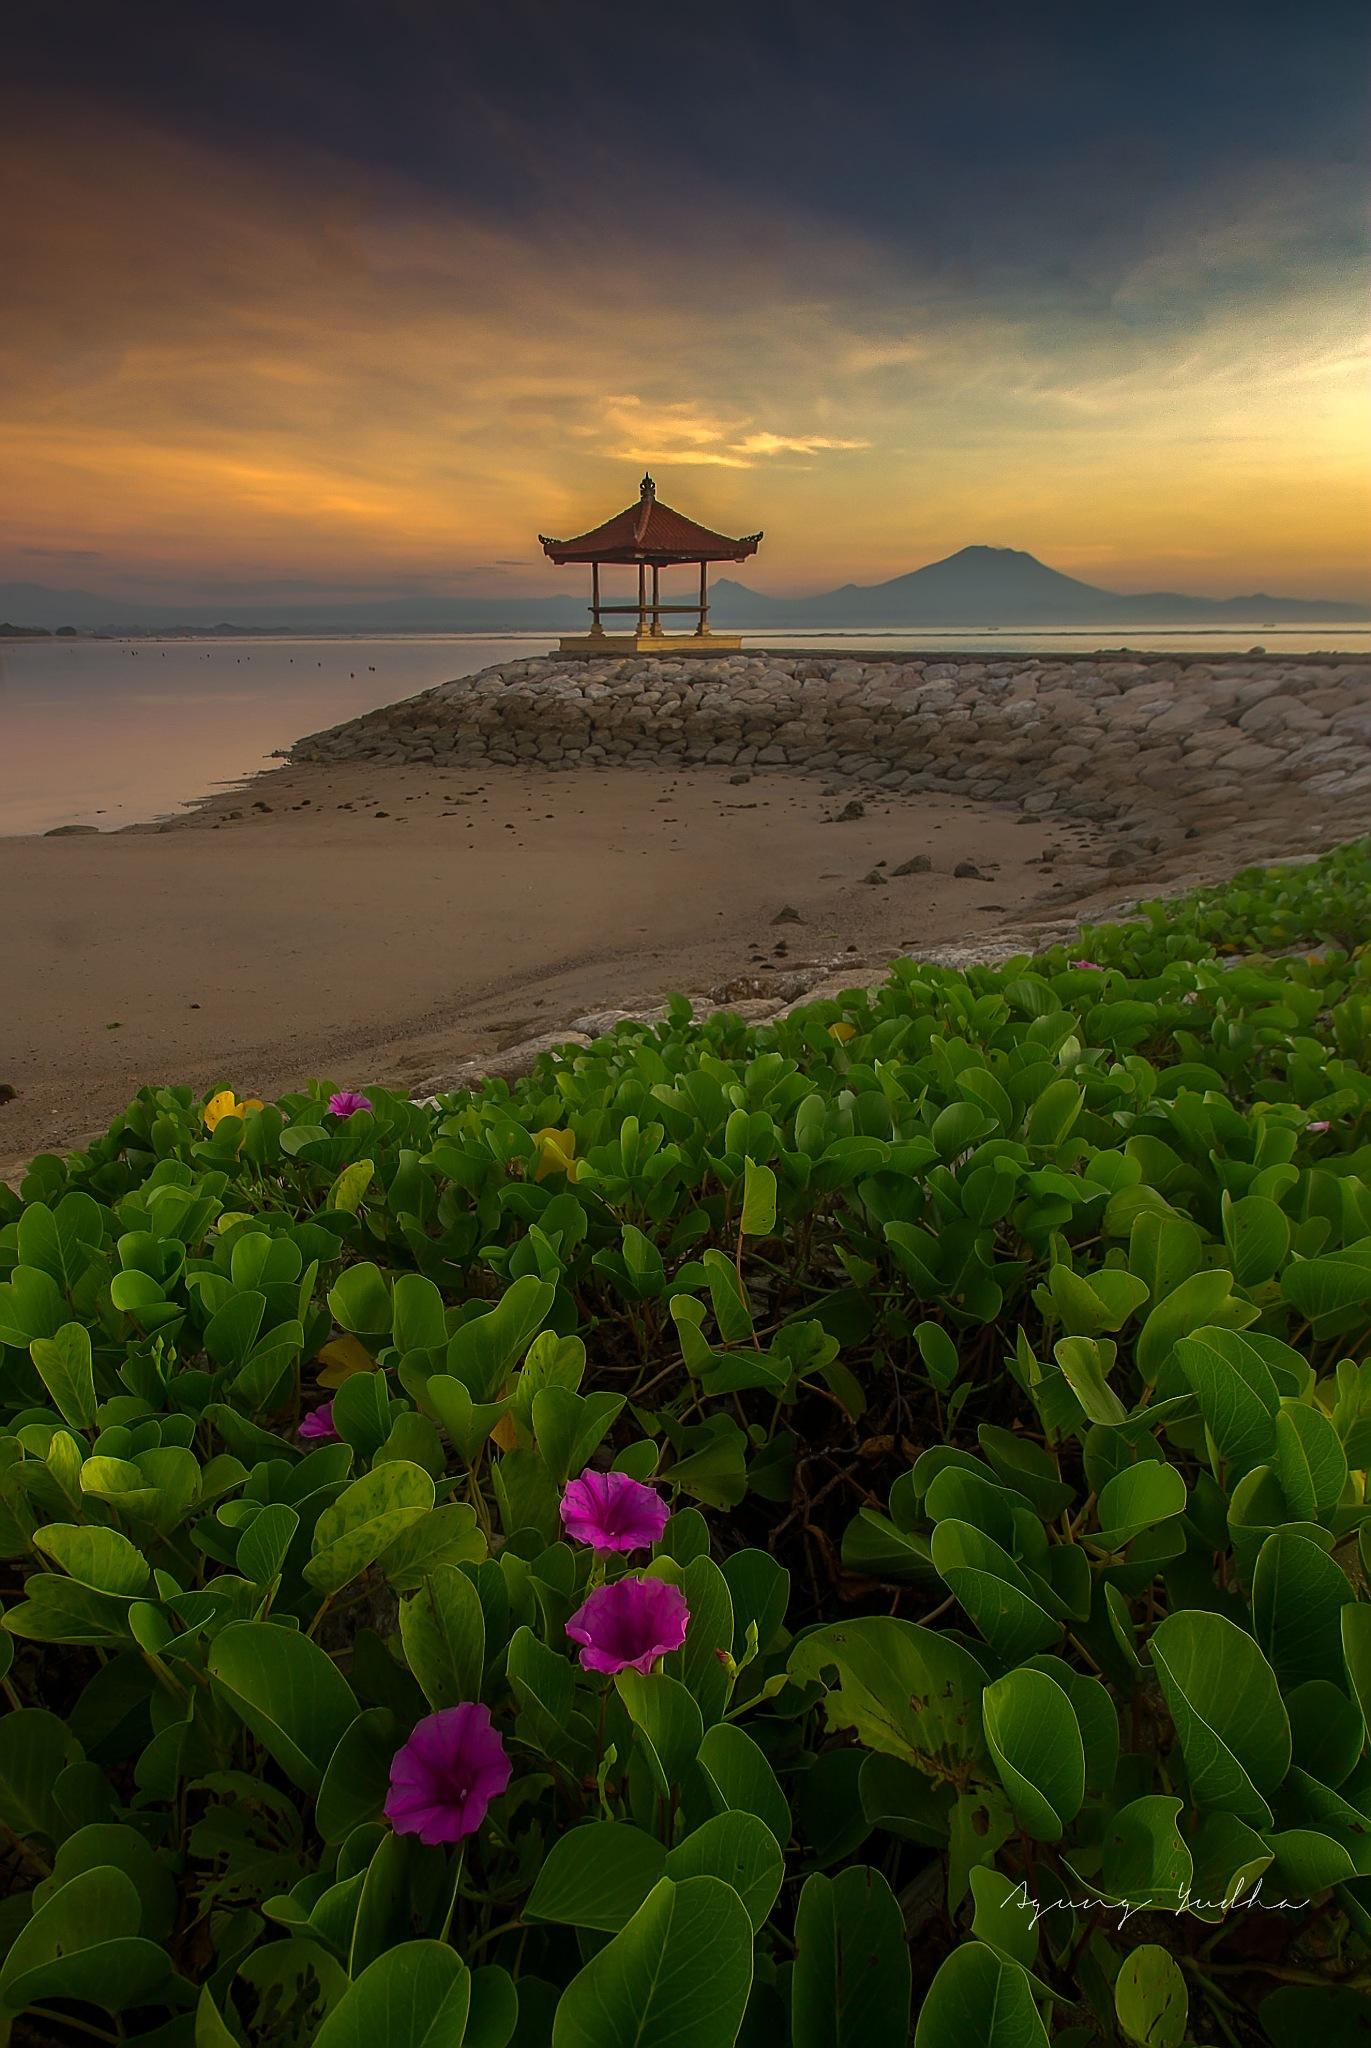 Karang Beach by Agung Yudha